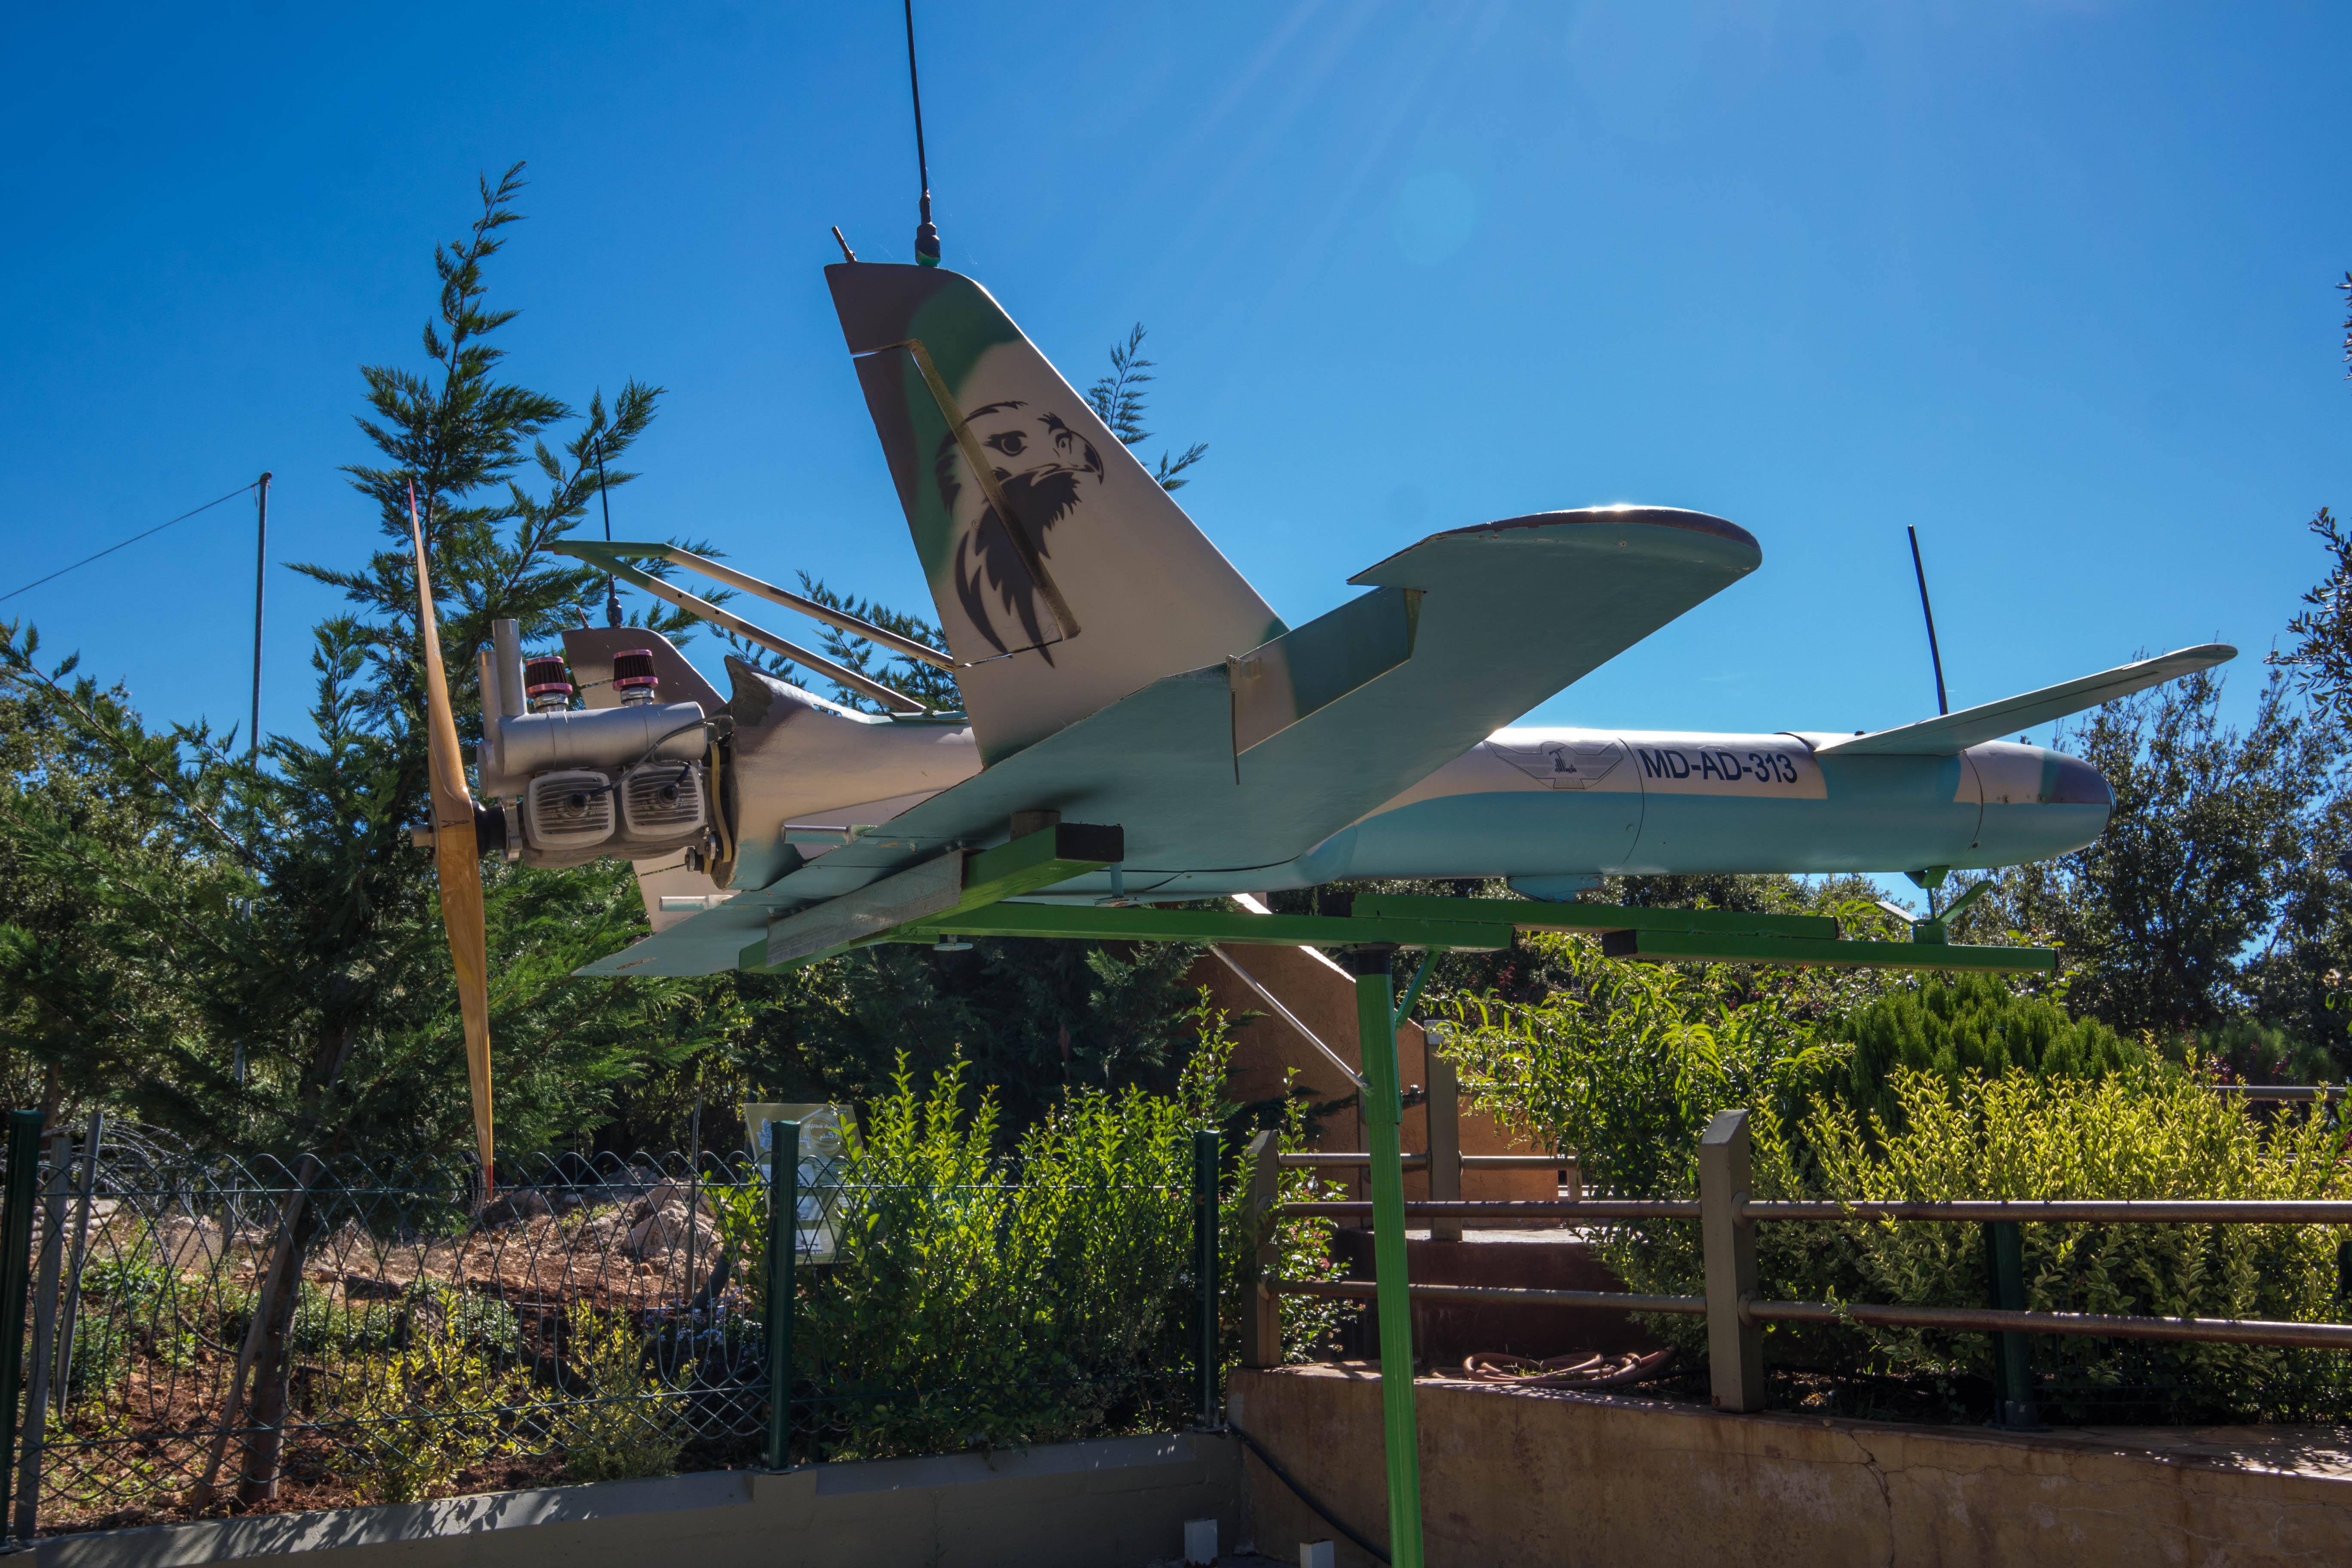 Hezbollah_Ababil_UAV.jpg